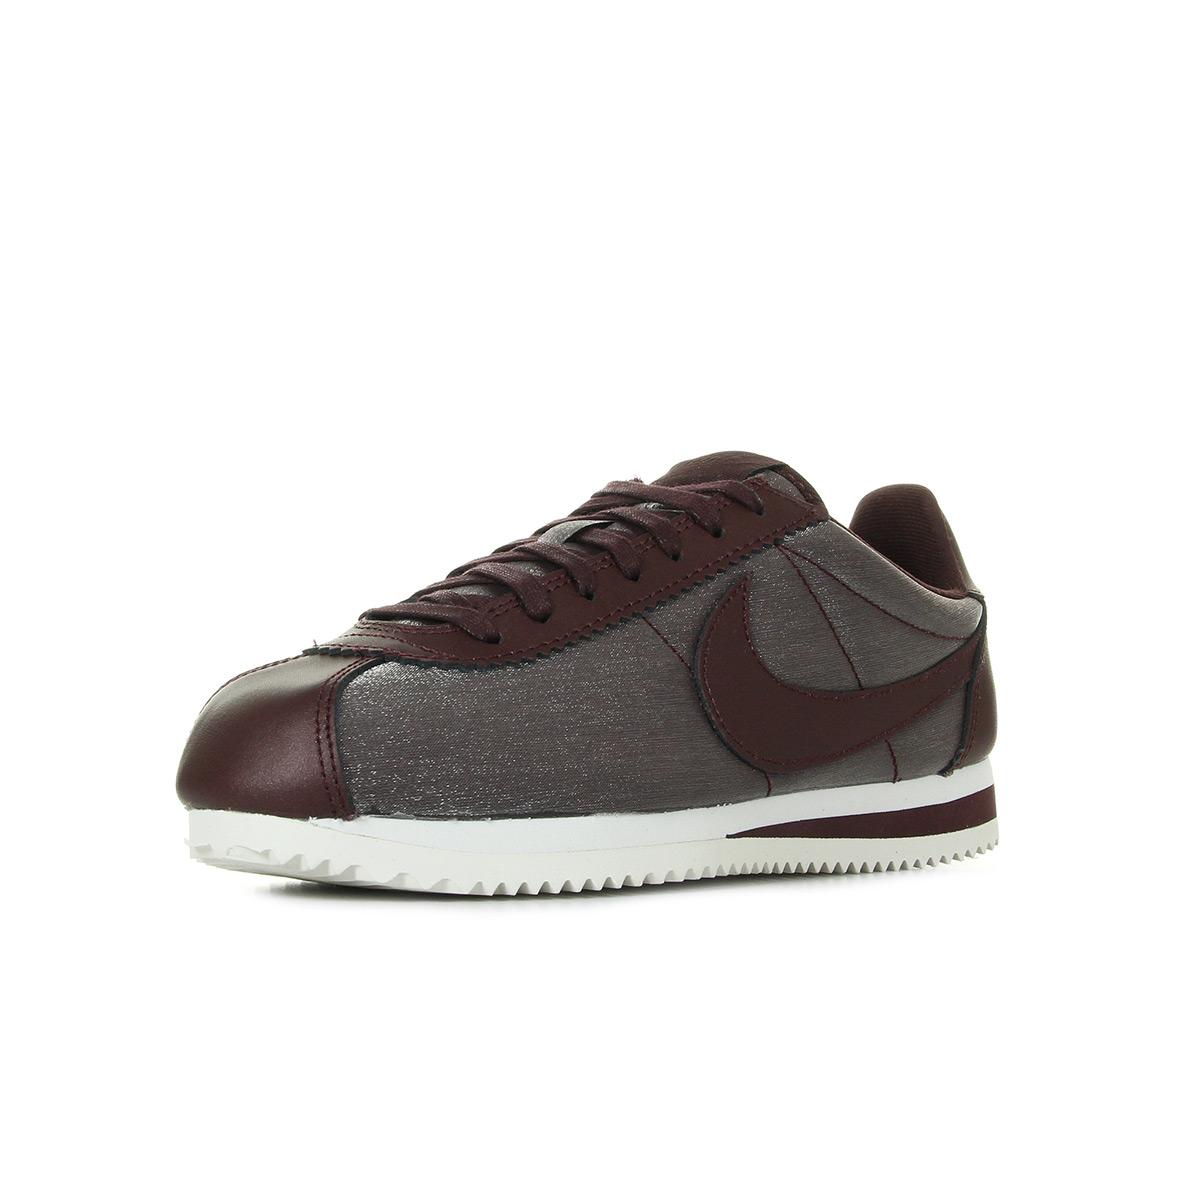 new concept 8716d d42e1 Nike WMNS Classic Cortez Premium Acajou ...